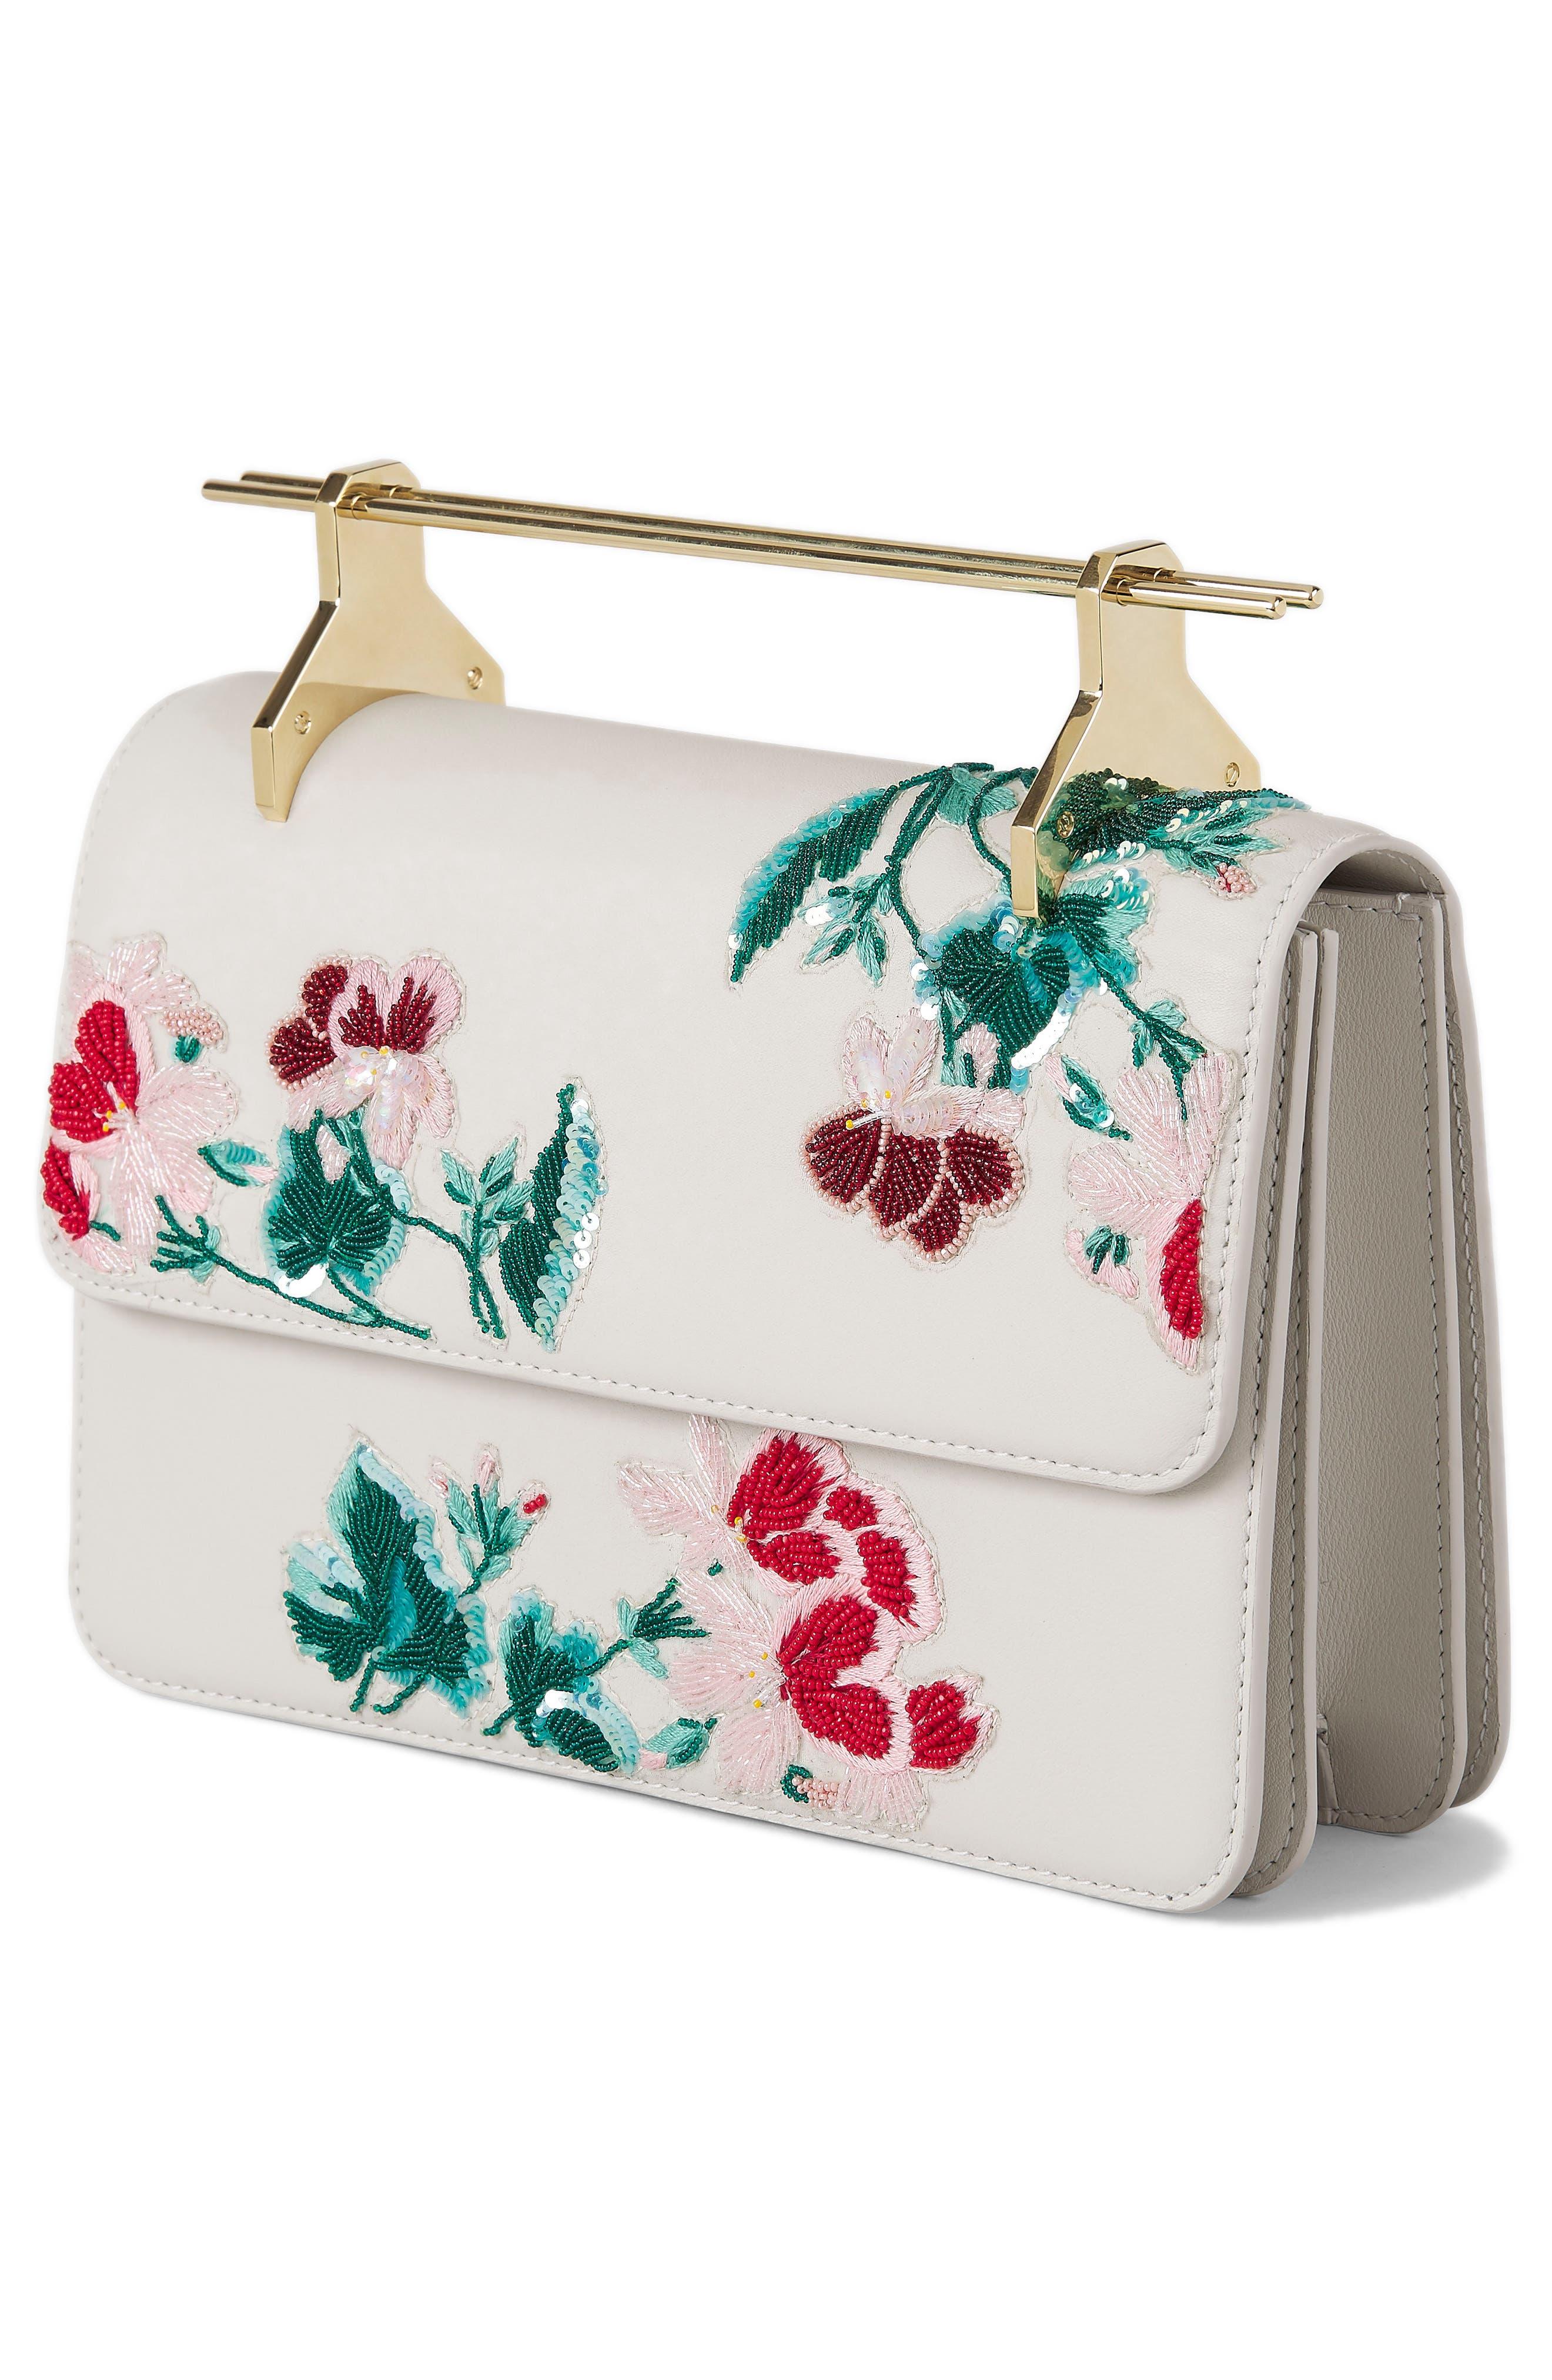 La Fleur du Mal Embellished Calfskin Leather Shoulder Bag,                             Alternate thumbnail 3, color,